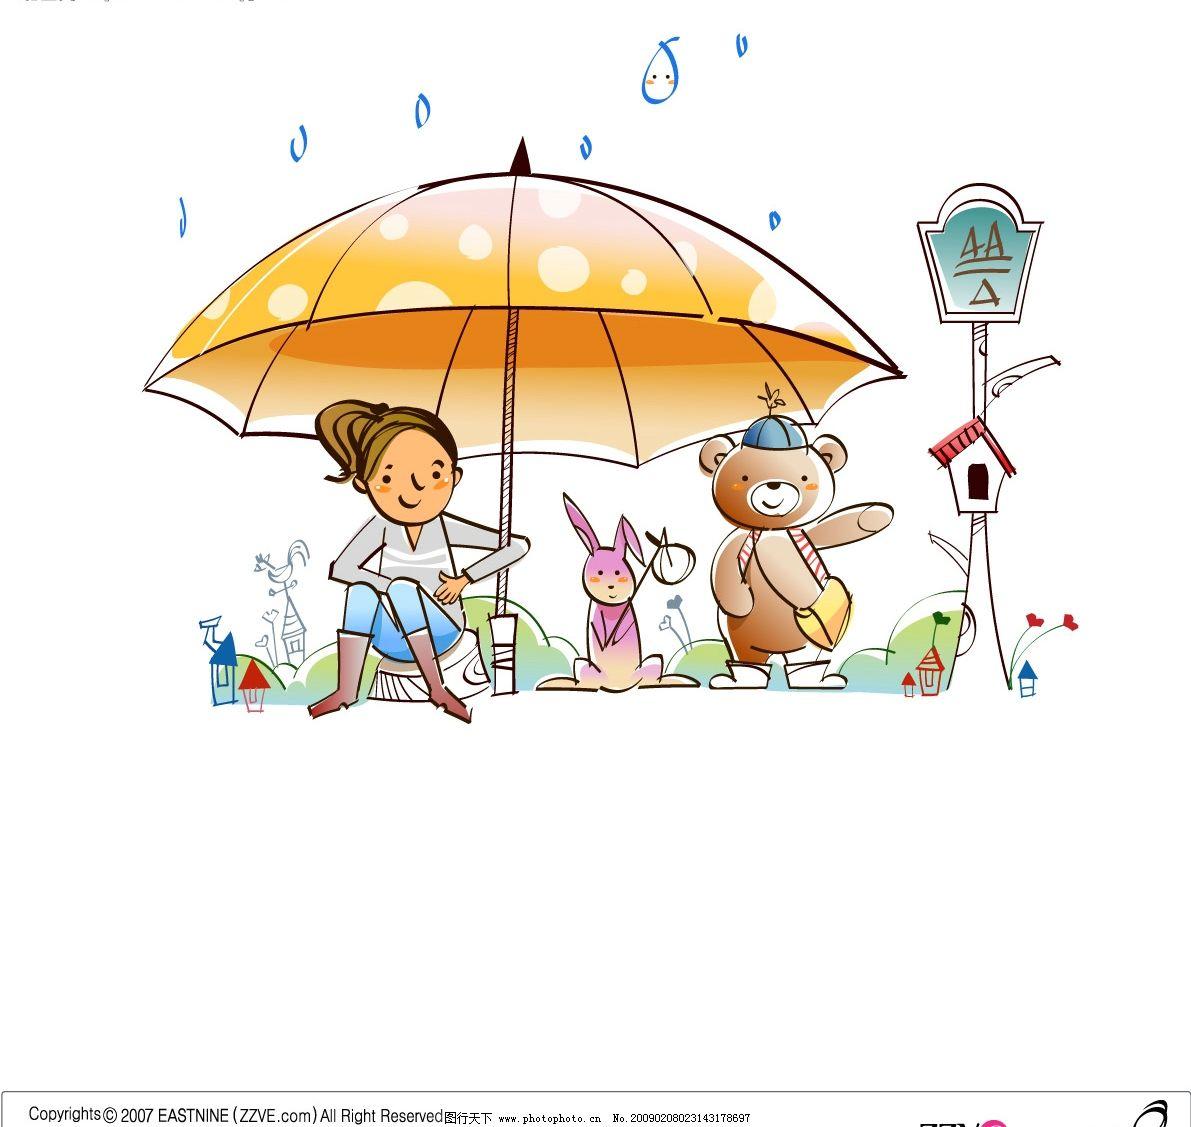 雨滴动画步骤轨迹